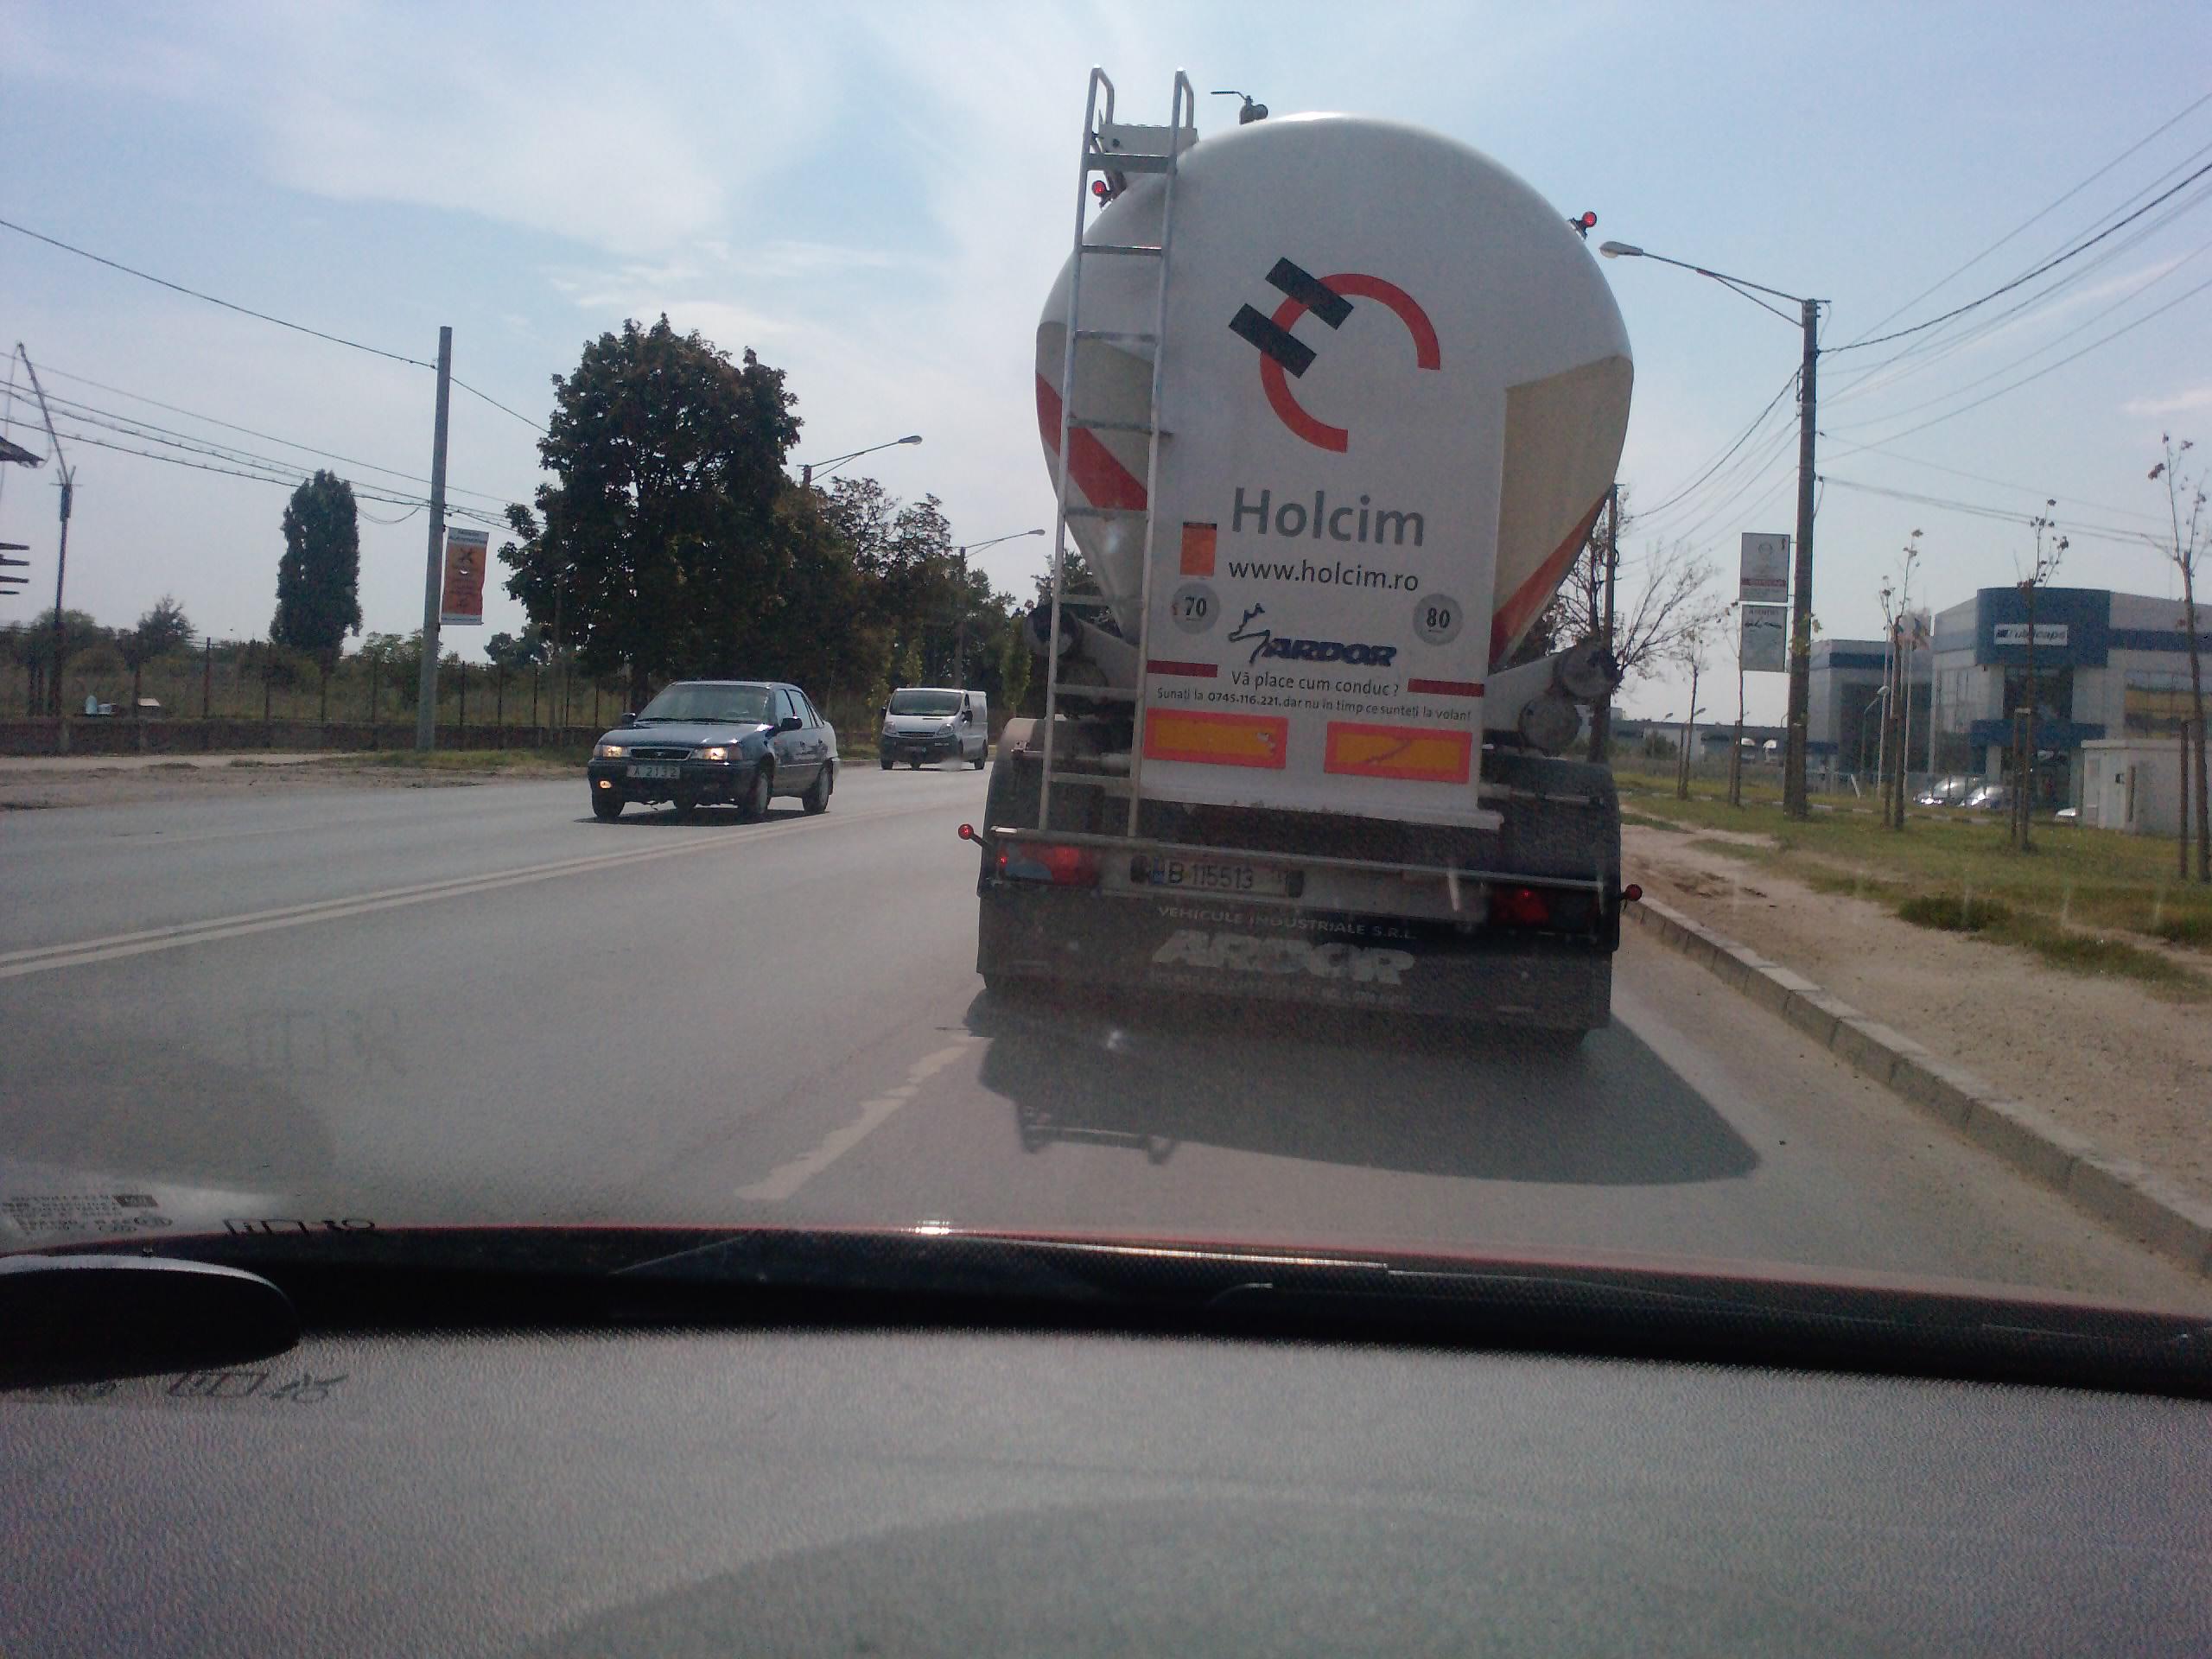 Va place cum conduc?